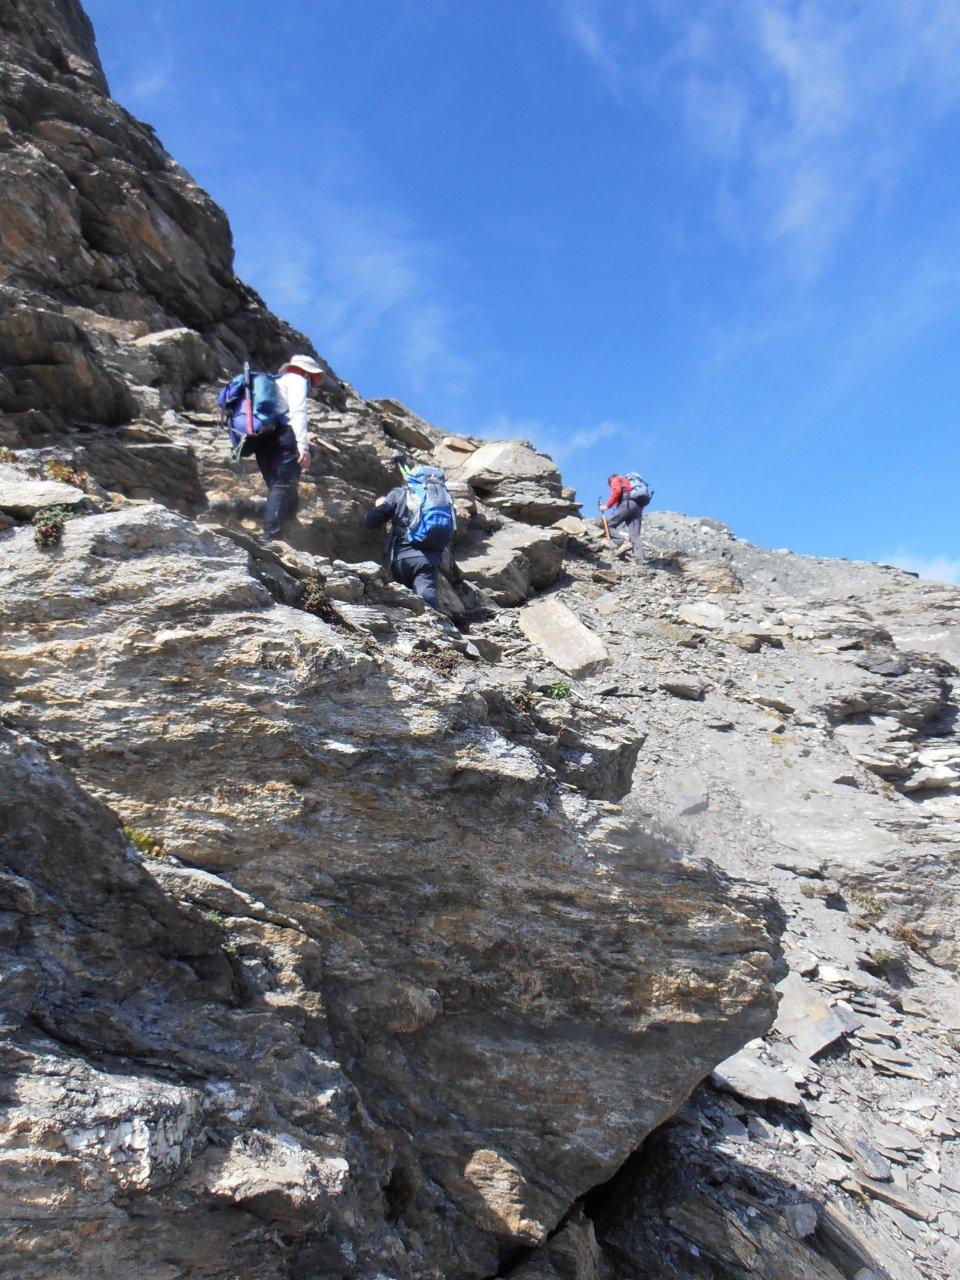 09 - canaletto finale sul versante sud che porta alla Pointe des Fours